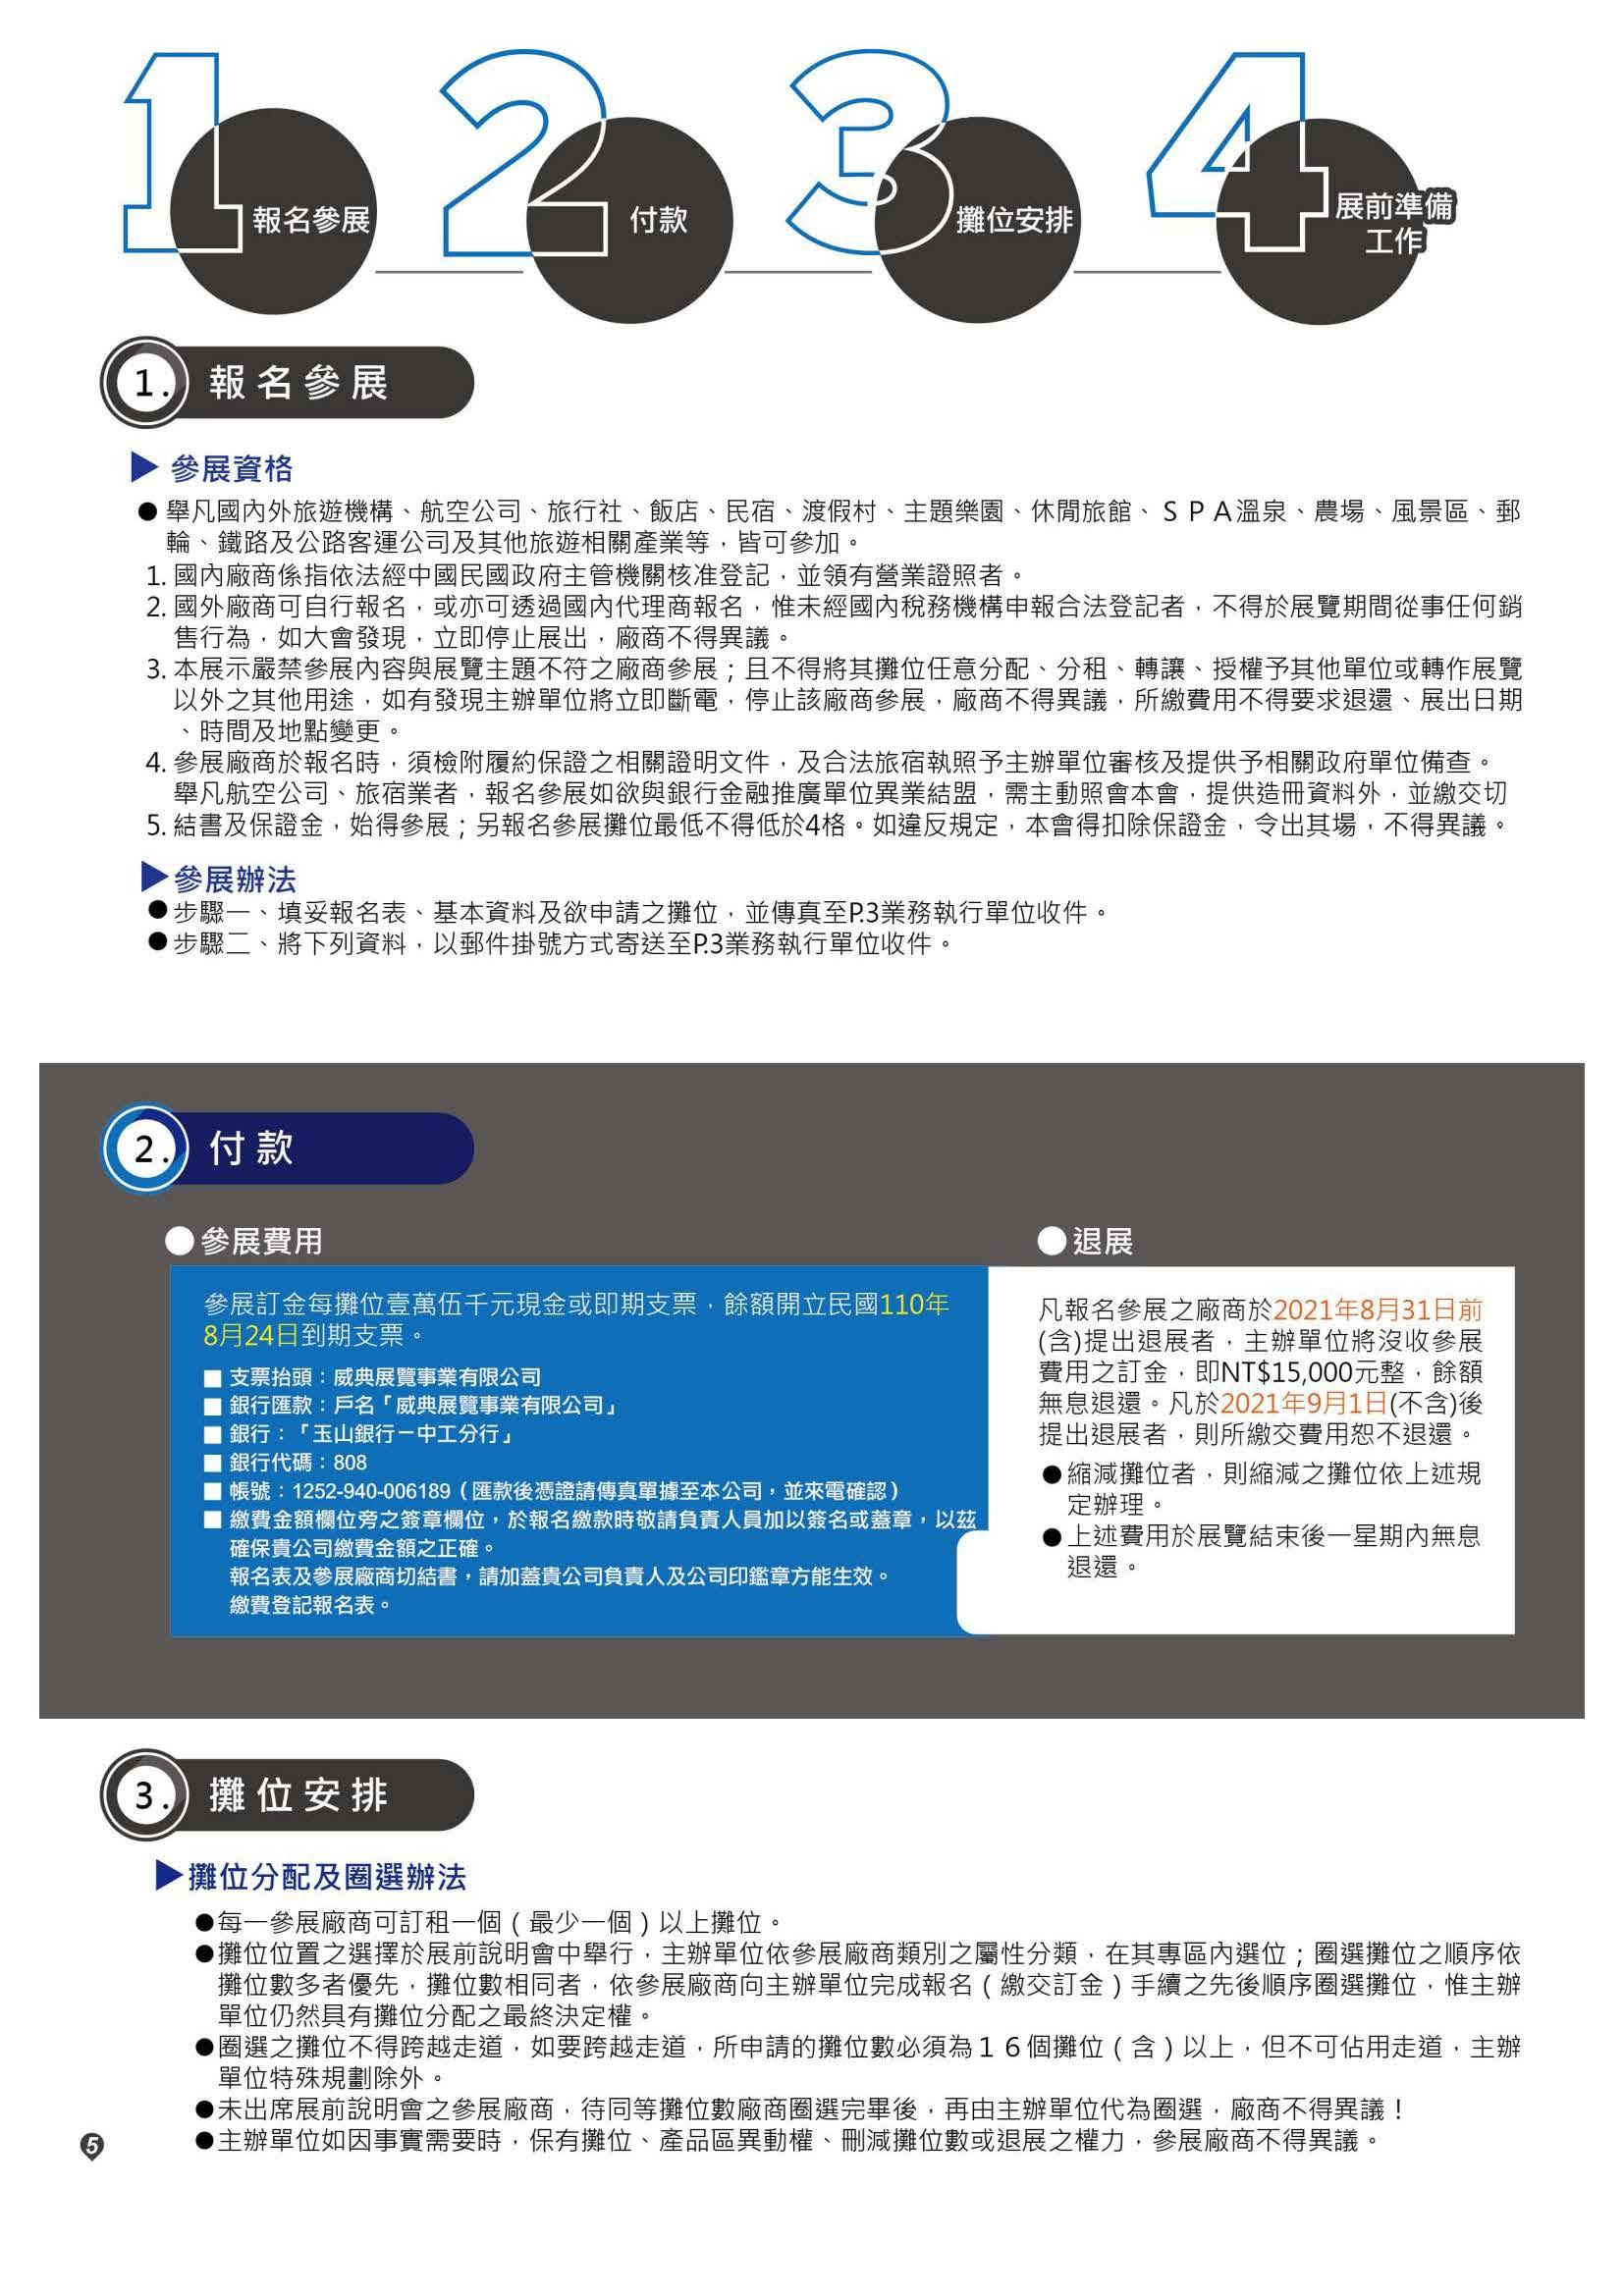 2021.11.12-15大臺南旅展企劃書(單頁版)_頁面_06